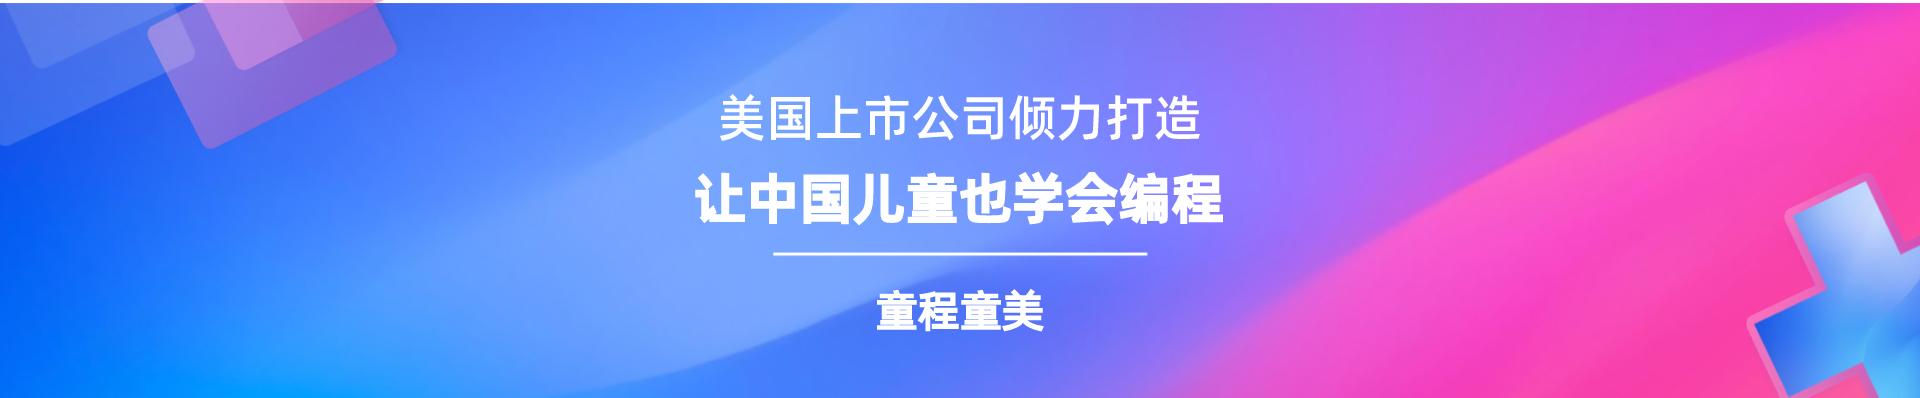 郑州建业总部港童程童美少儿编程培训